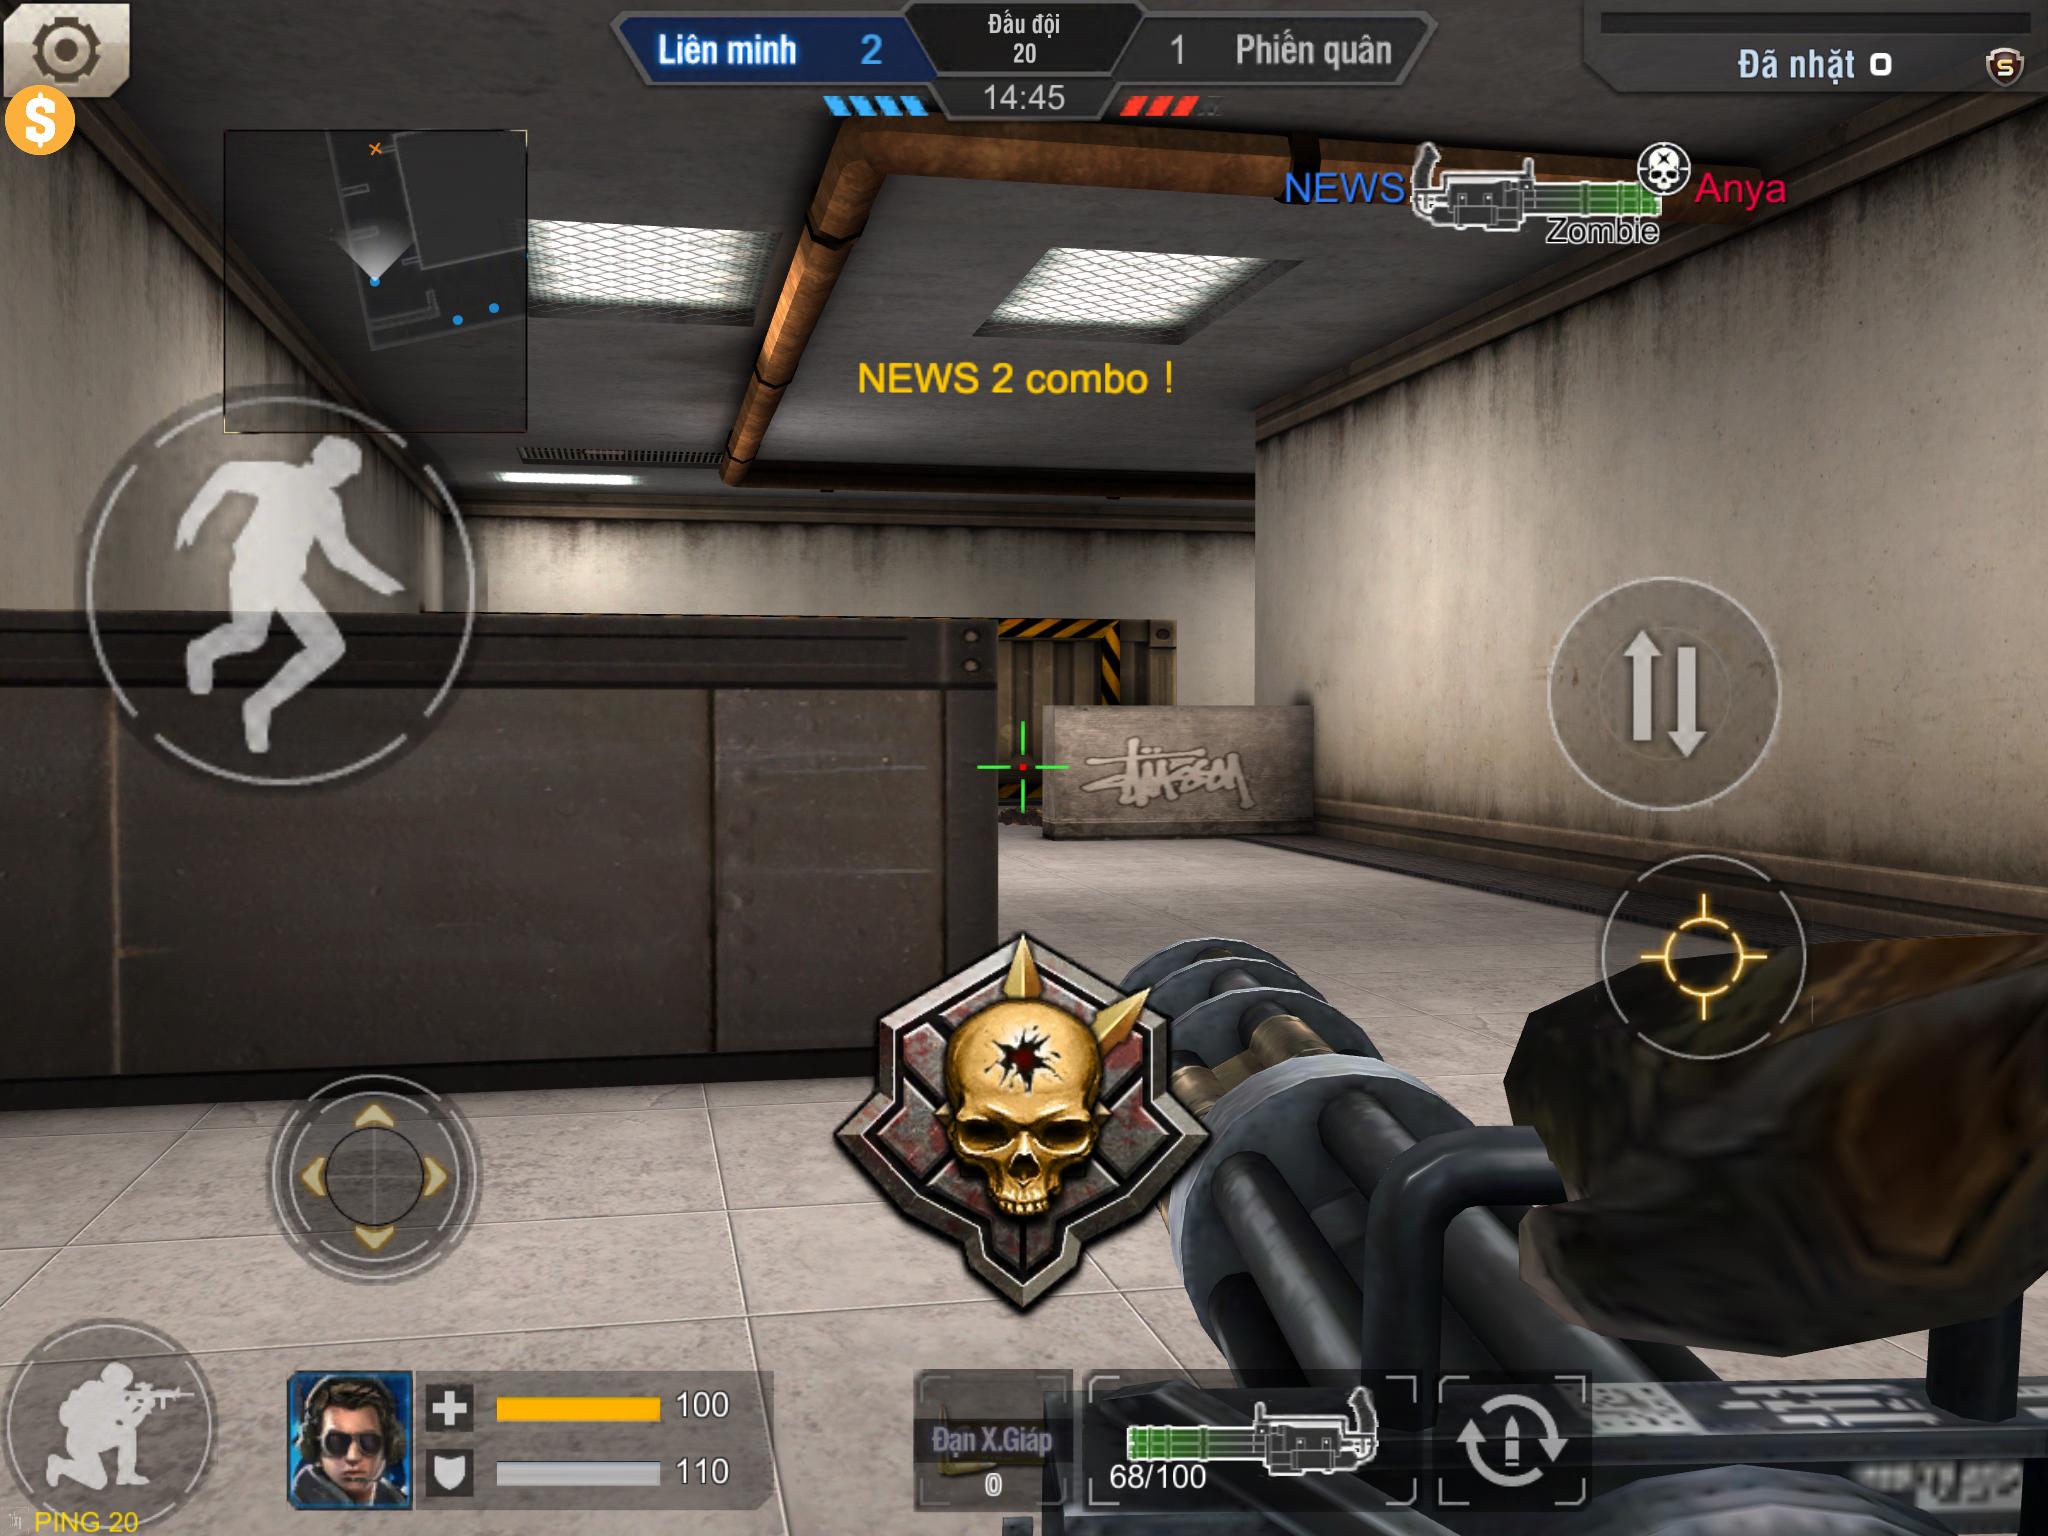 Bói tính cách game thủ Tập Kích mobile qua vũ khí ưa dùng 4